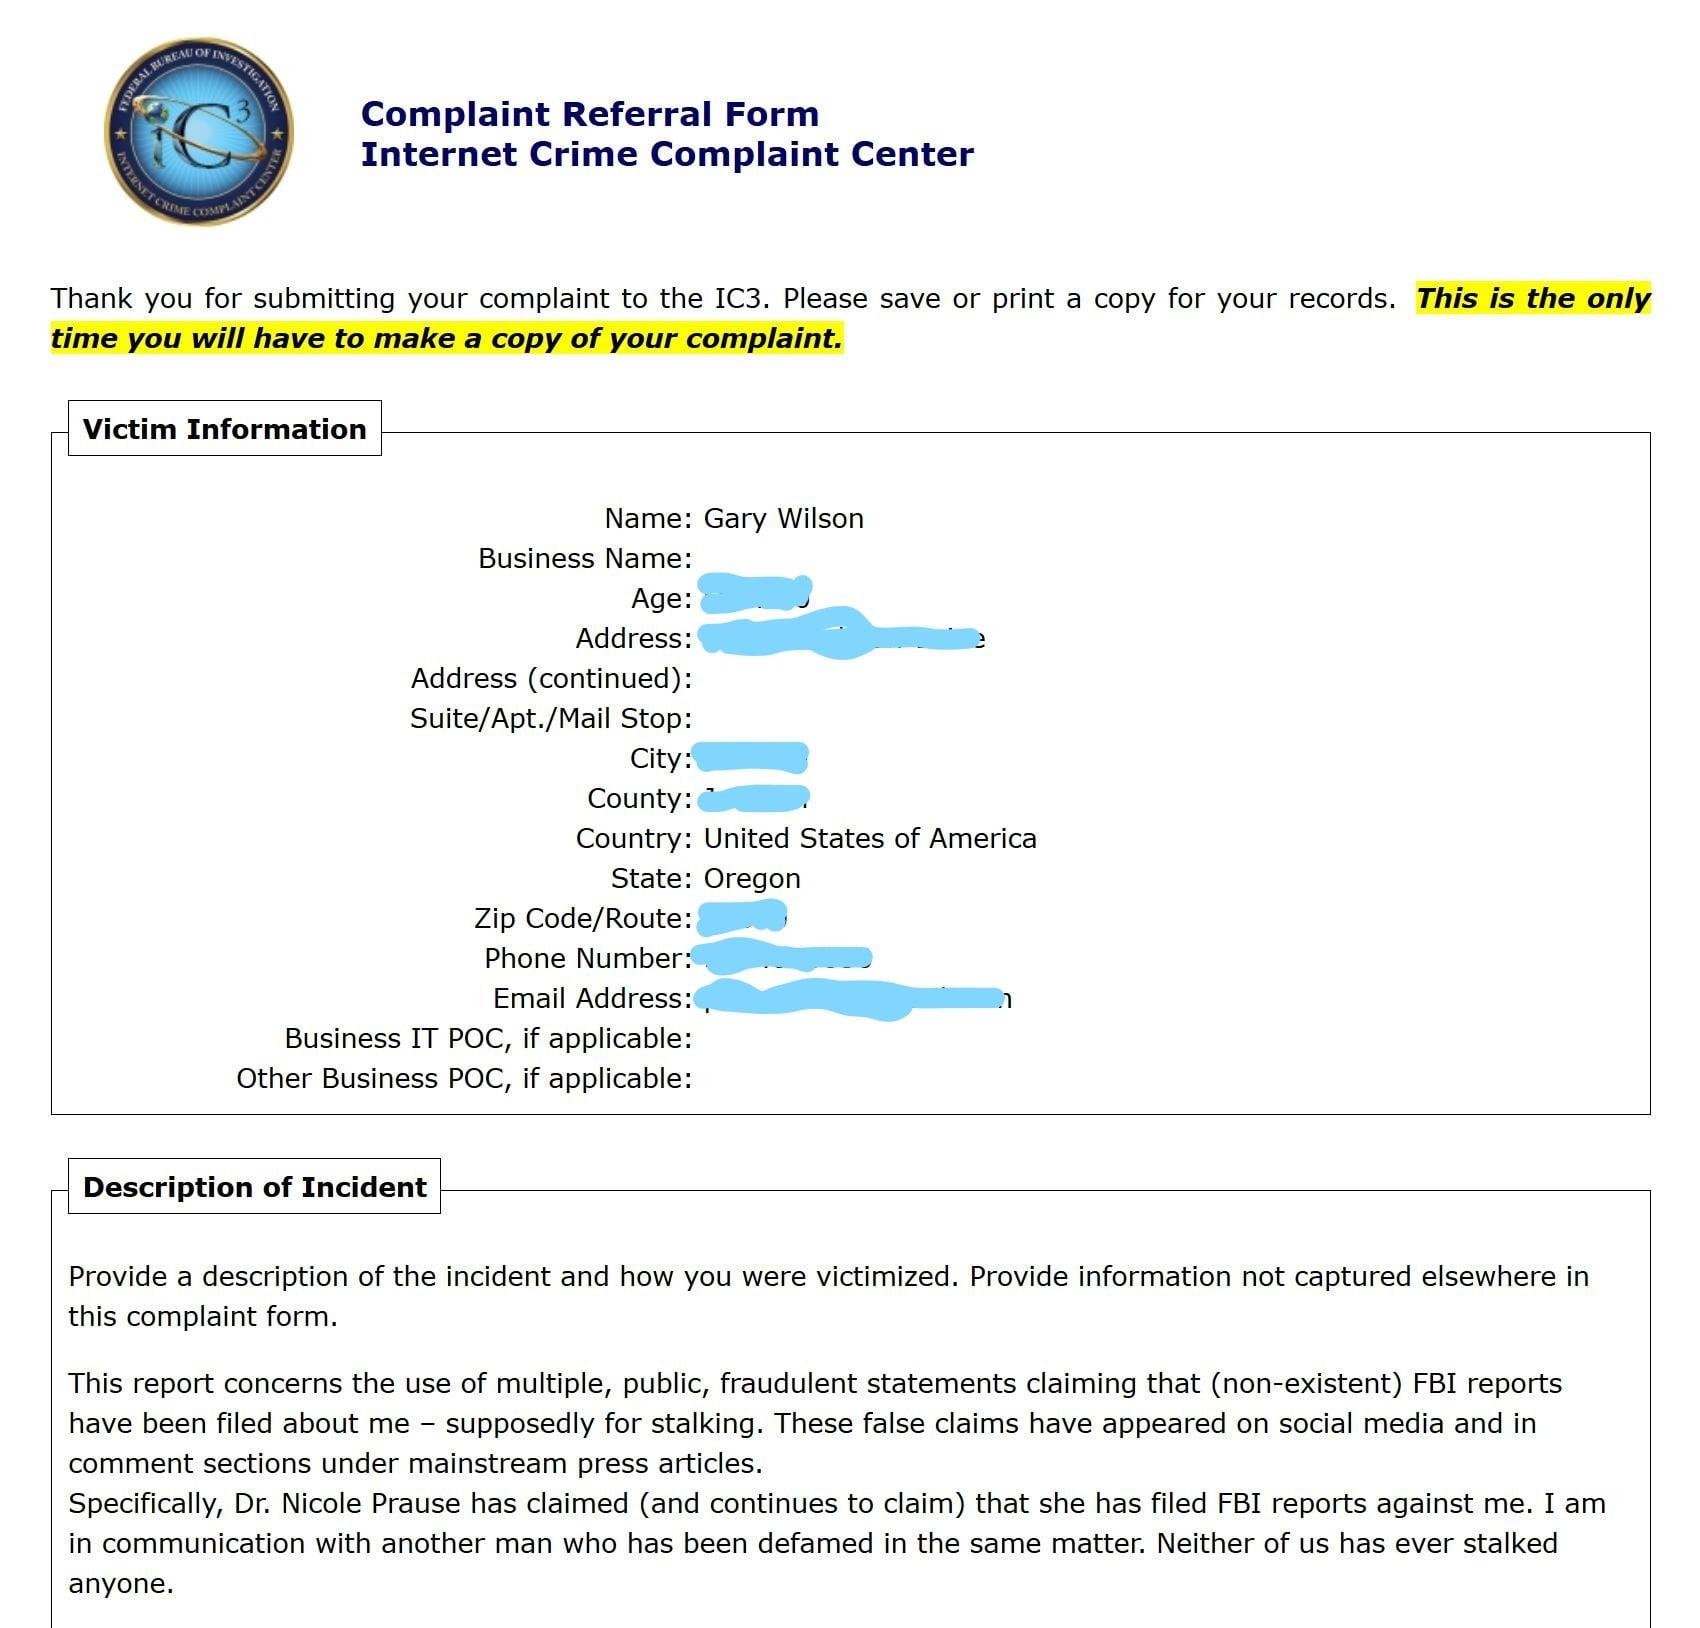 έξυπνες γραμμές θέματος ηλεκτρονικού ταχυδρομείου που χρονολογούνται